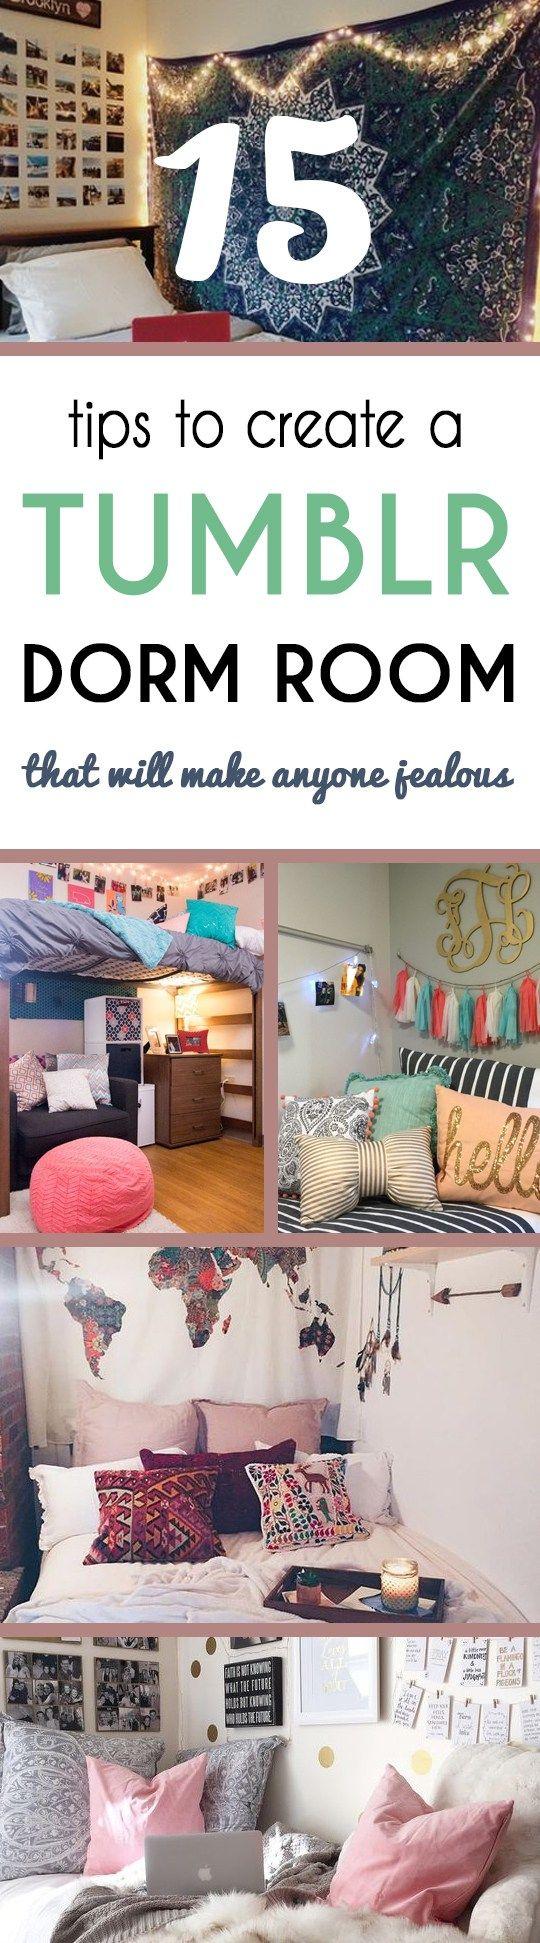 best college bound u dorm life images on pinterest bedroom